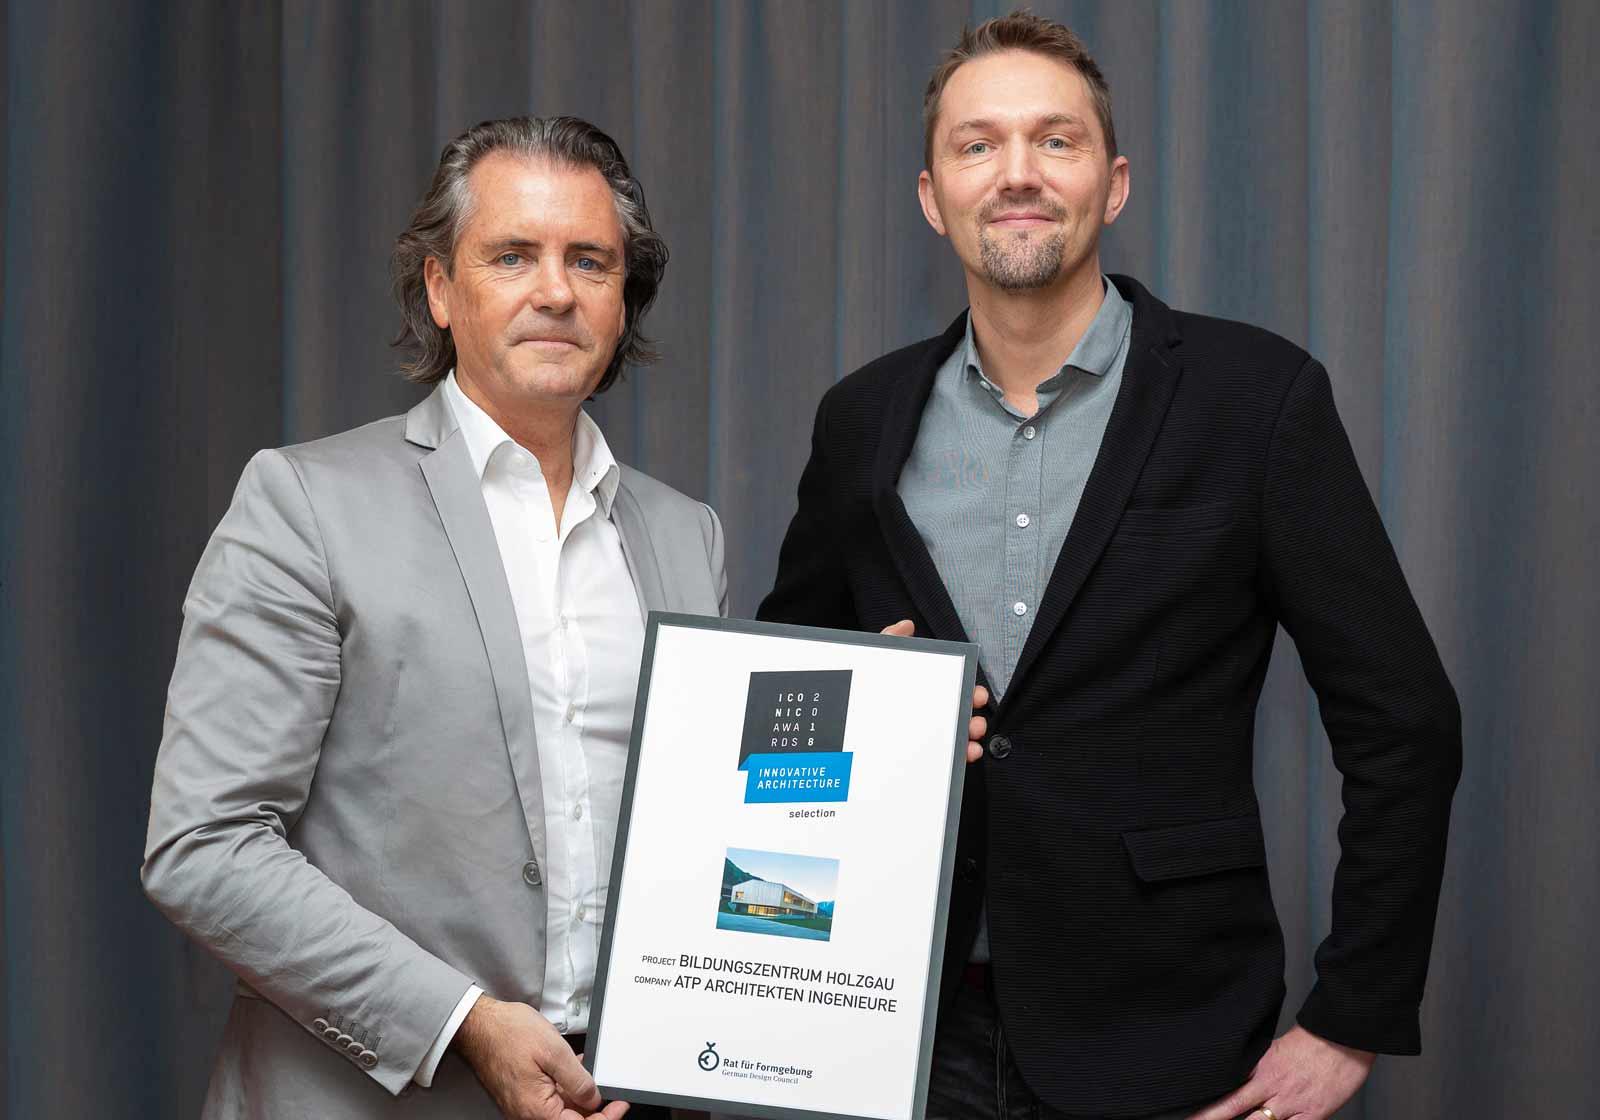 Foto: Iconic Award